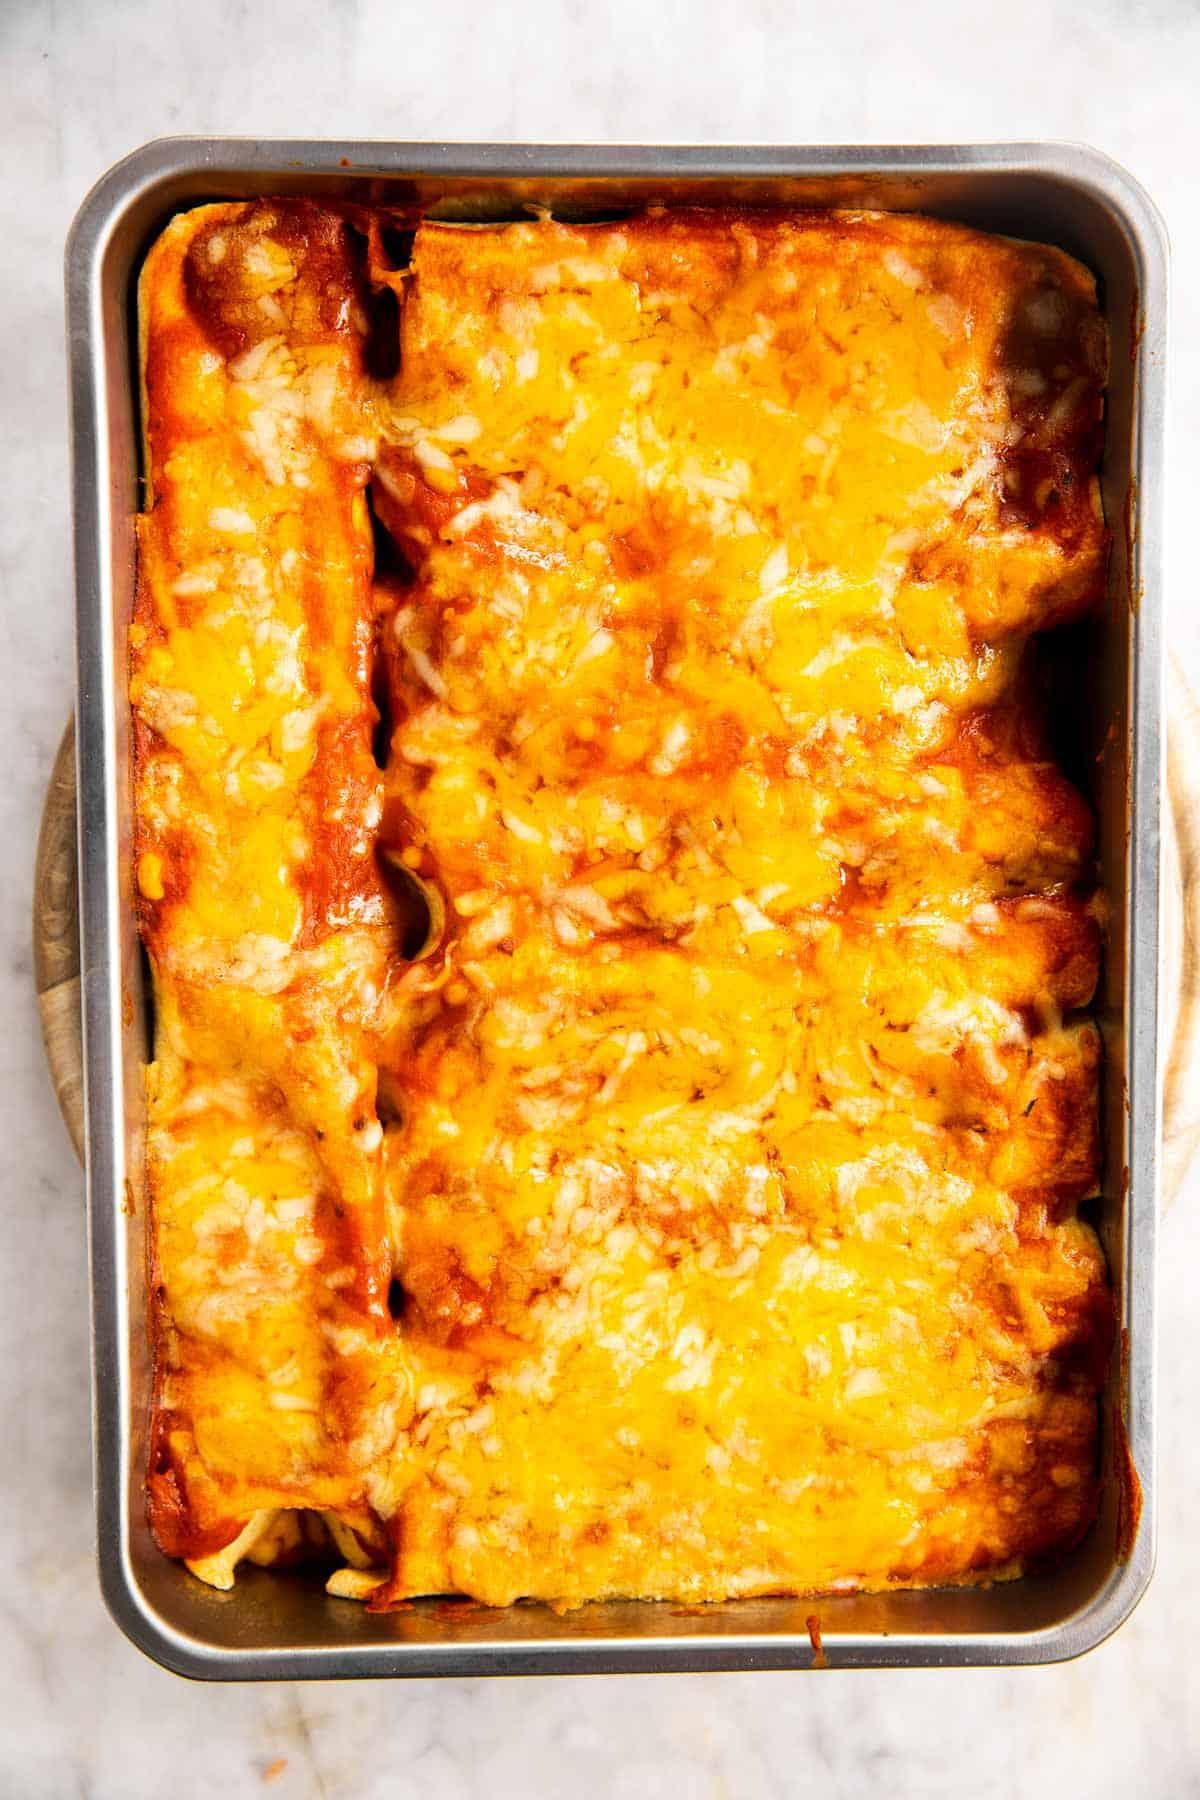 baked chicken enchiladas in casserole dish